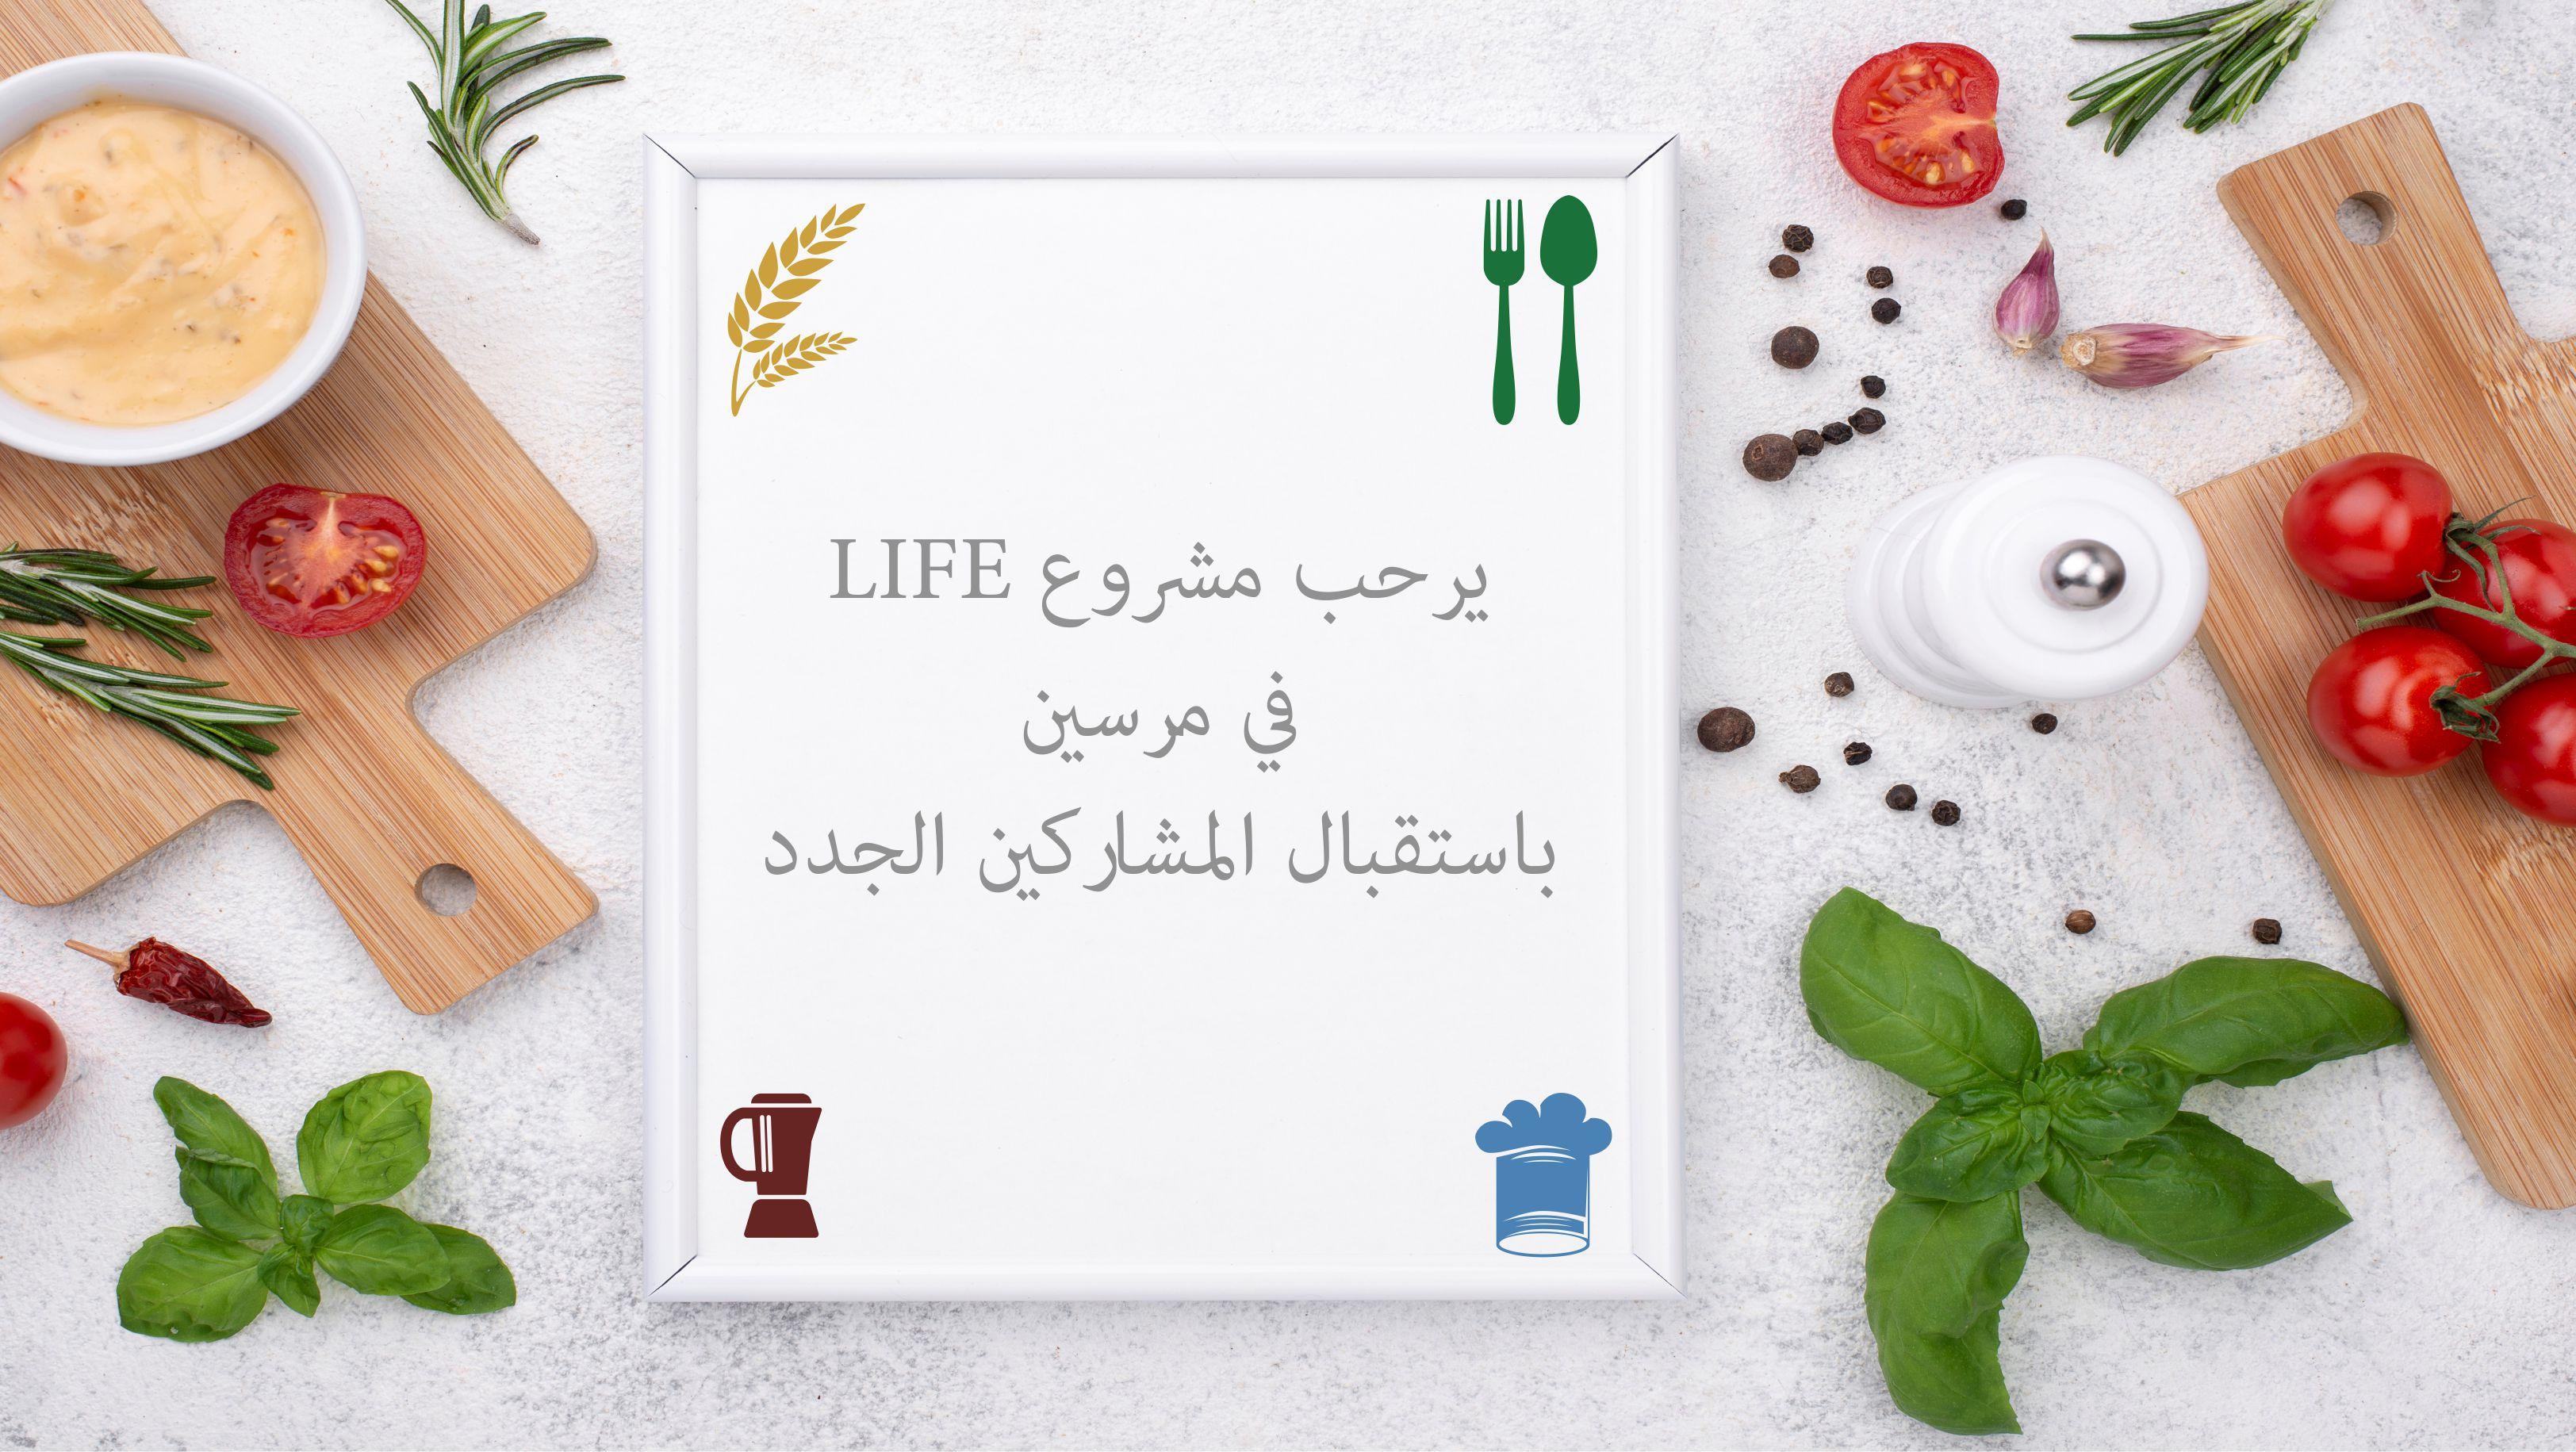 يستقبل مشروع لايف (سبل العيش المبتكرة مع ريادة الأعمال الغذائية) مشاركين جدد في مرسين